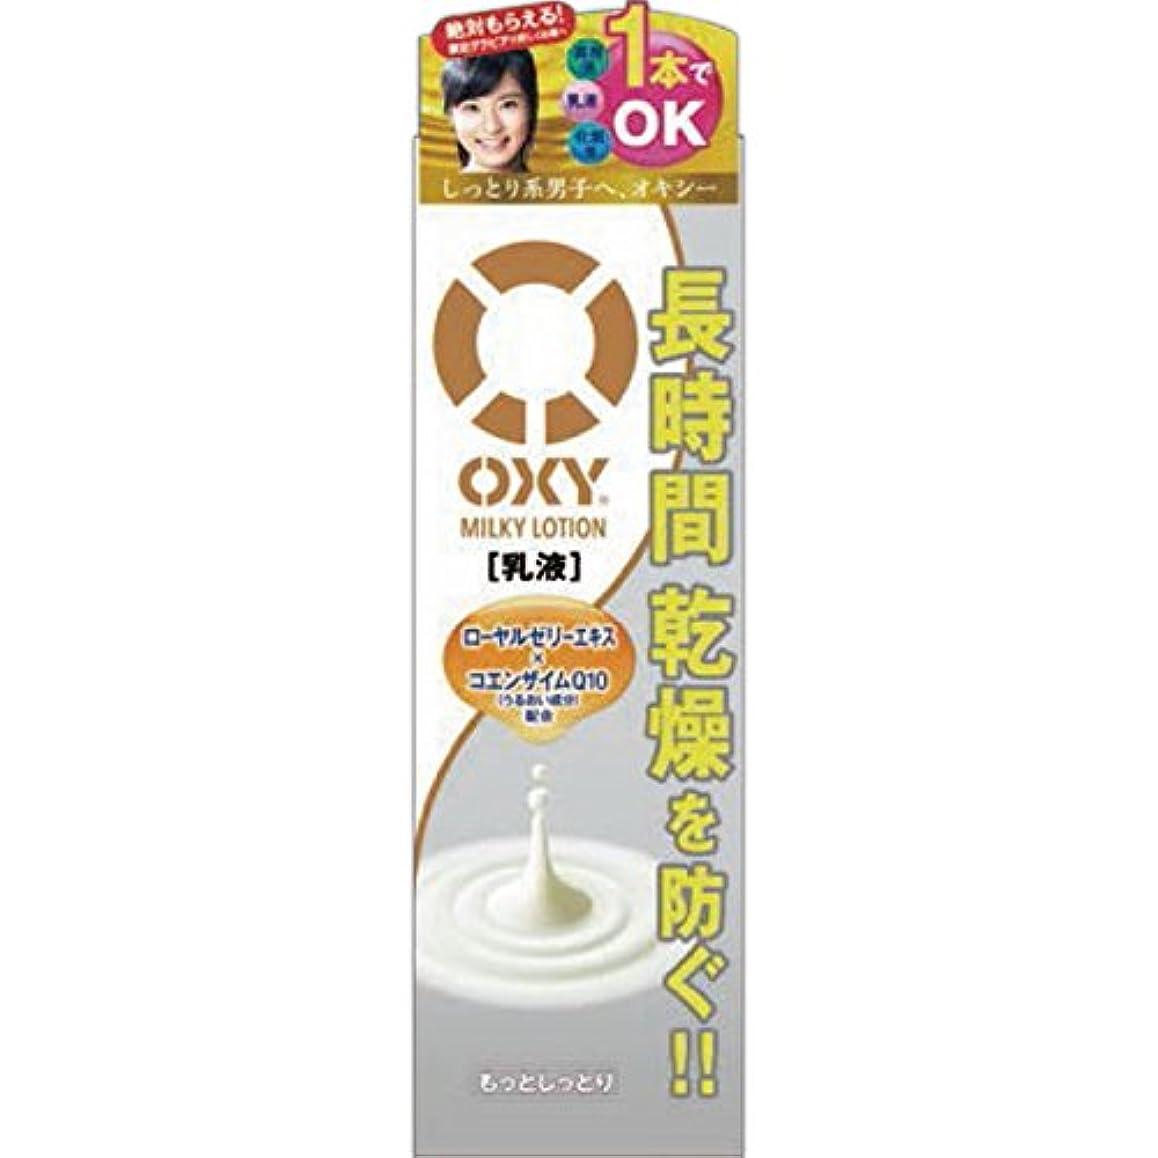 忘れられないプレミアアジア人オキシー (Oxy) ミルキーローション オールインワン乳液 スーパーヒアルロン酸×ローヤルゼリー配合 ゼラニウムの香 170mL